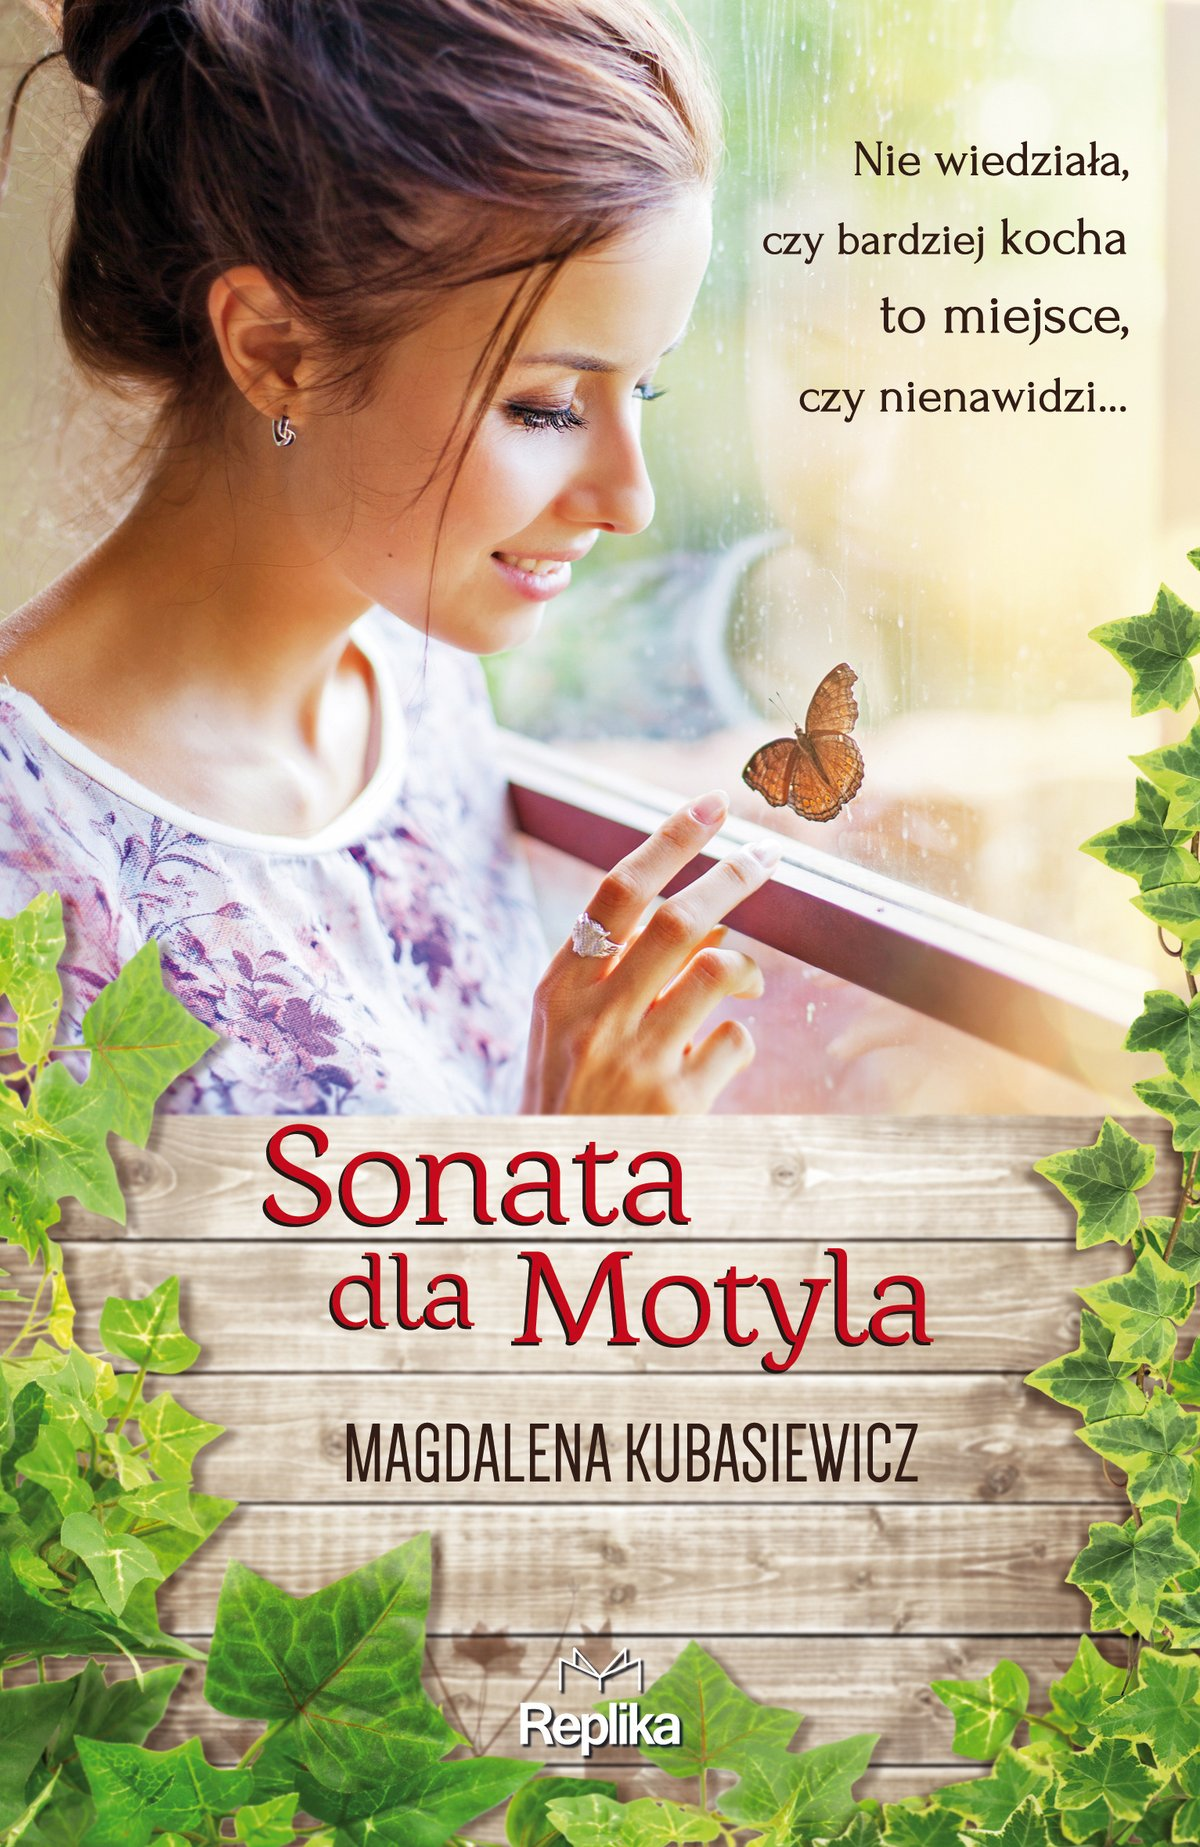 Sonata dla Motyla - Ebook (Książka na Kindle) do pobrania w formacie MOBI